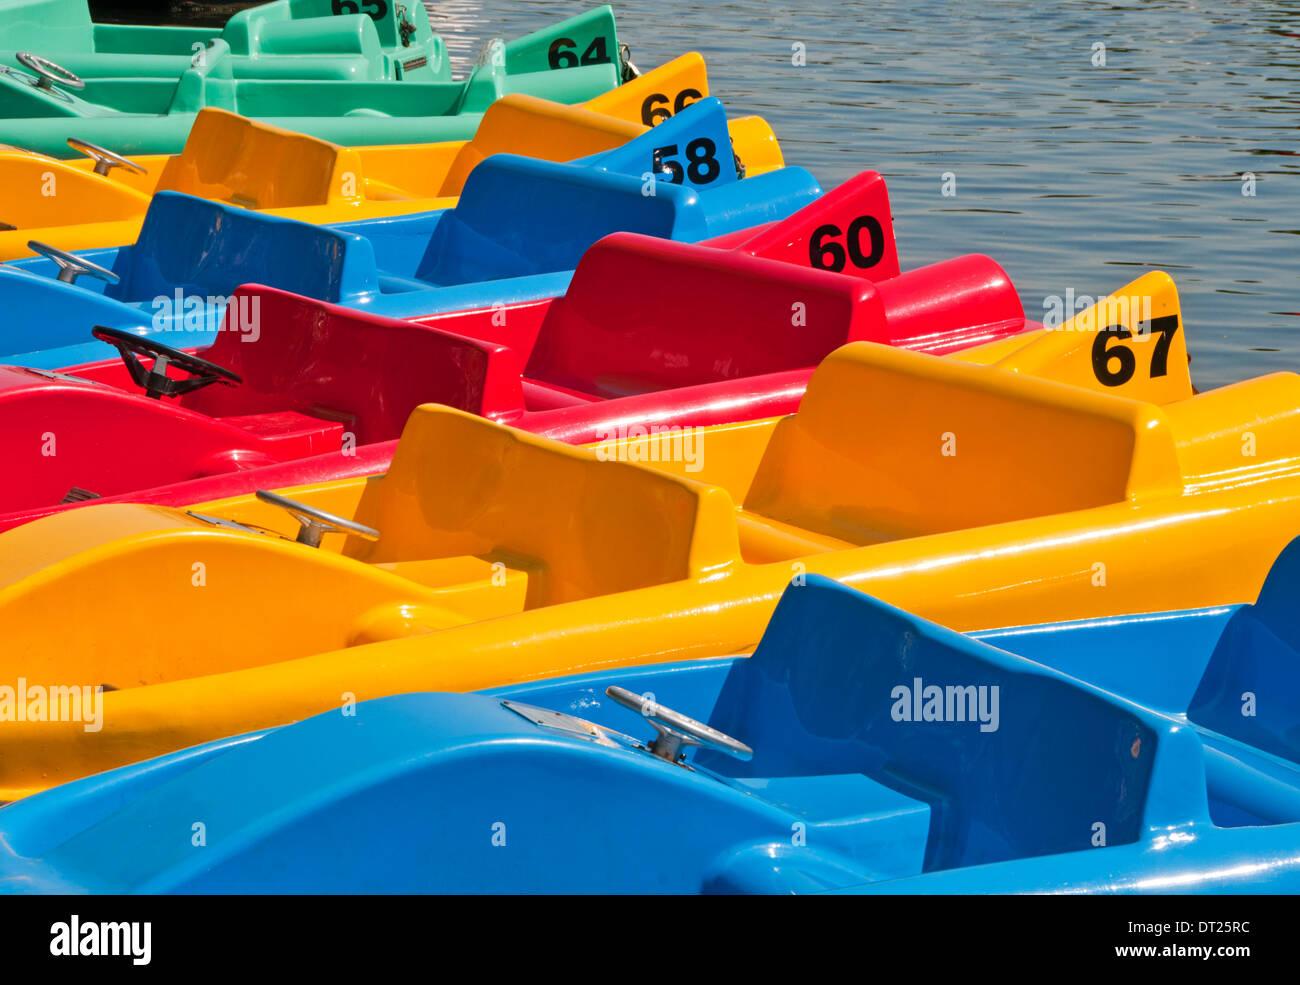 Coloridos barcos de recreo en el río Dee, los olivares, Chester, Cheshire, Inglaterra, Reino Unido. Imagen De Stock